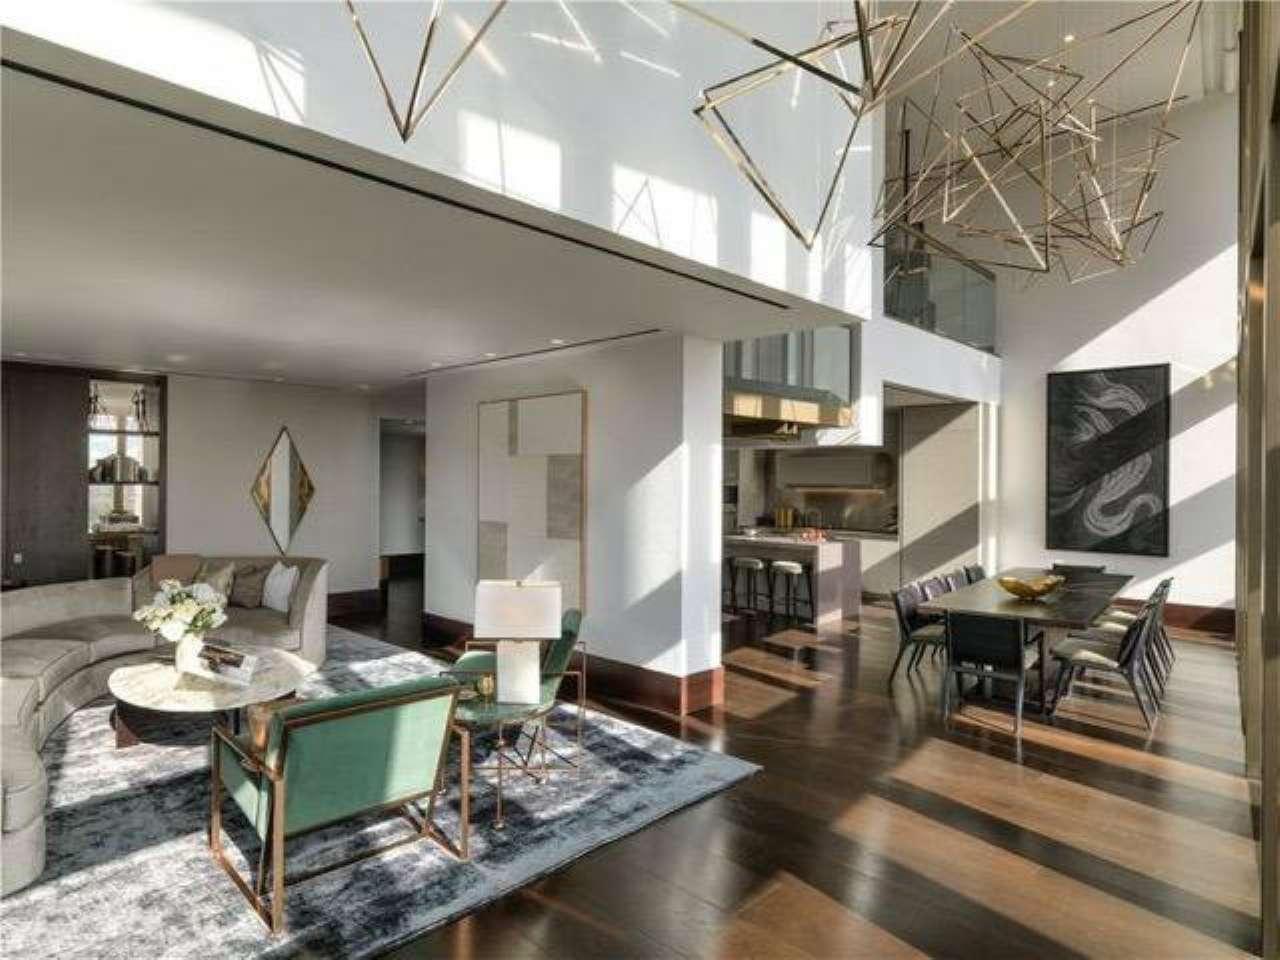 Appartamento in Vendita a Milano 01 Centro storico (Cerchia dei Navigli): 4 locali, 250 mq